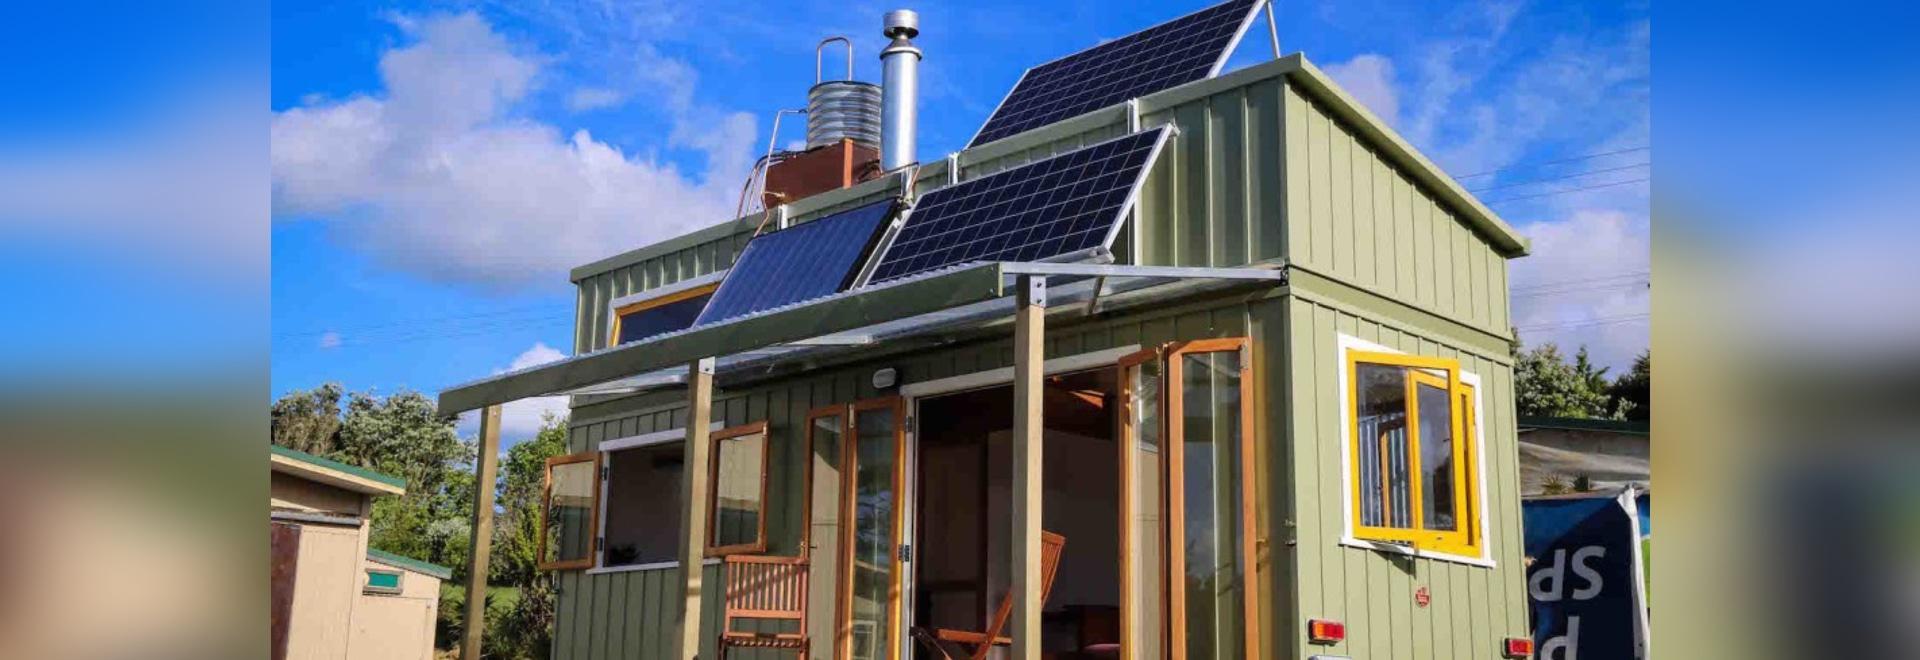 Luxuriöses kleines Haus in Neuseeland ist das Wegrasterfeld und 100 ...